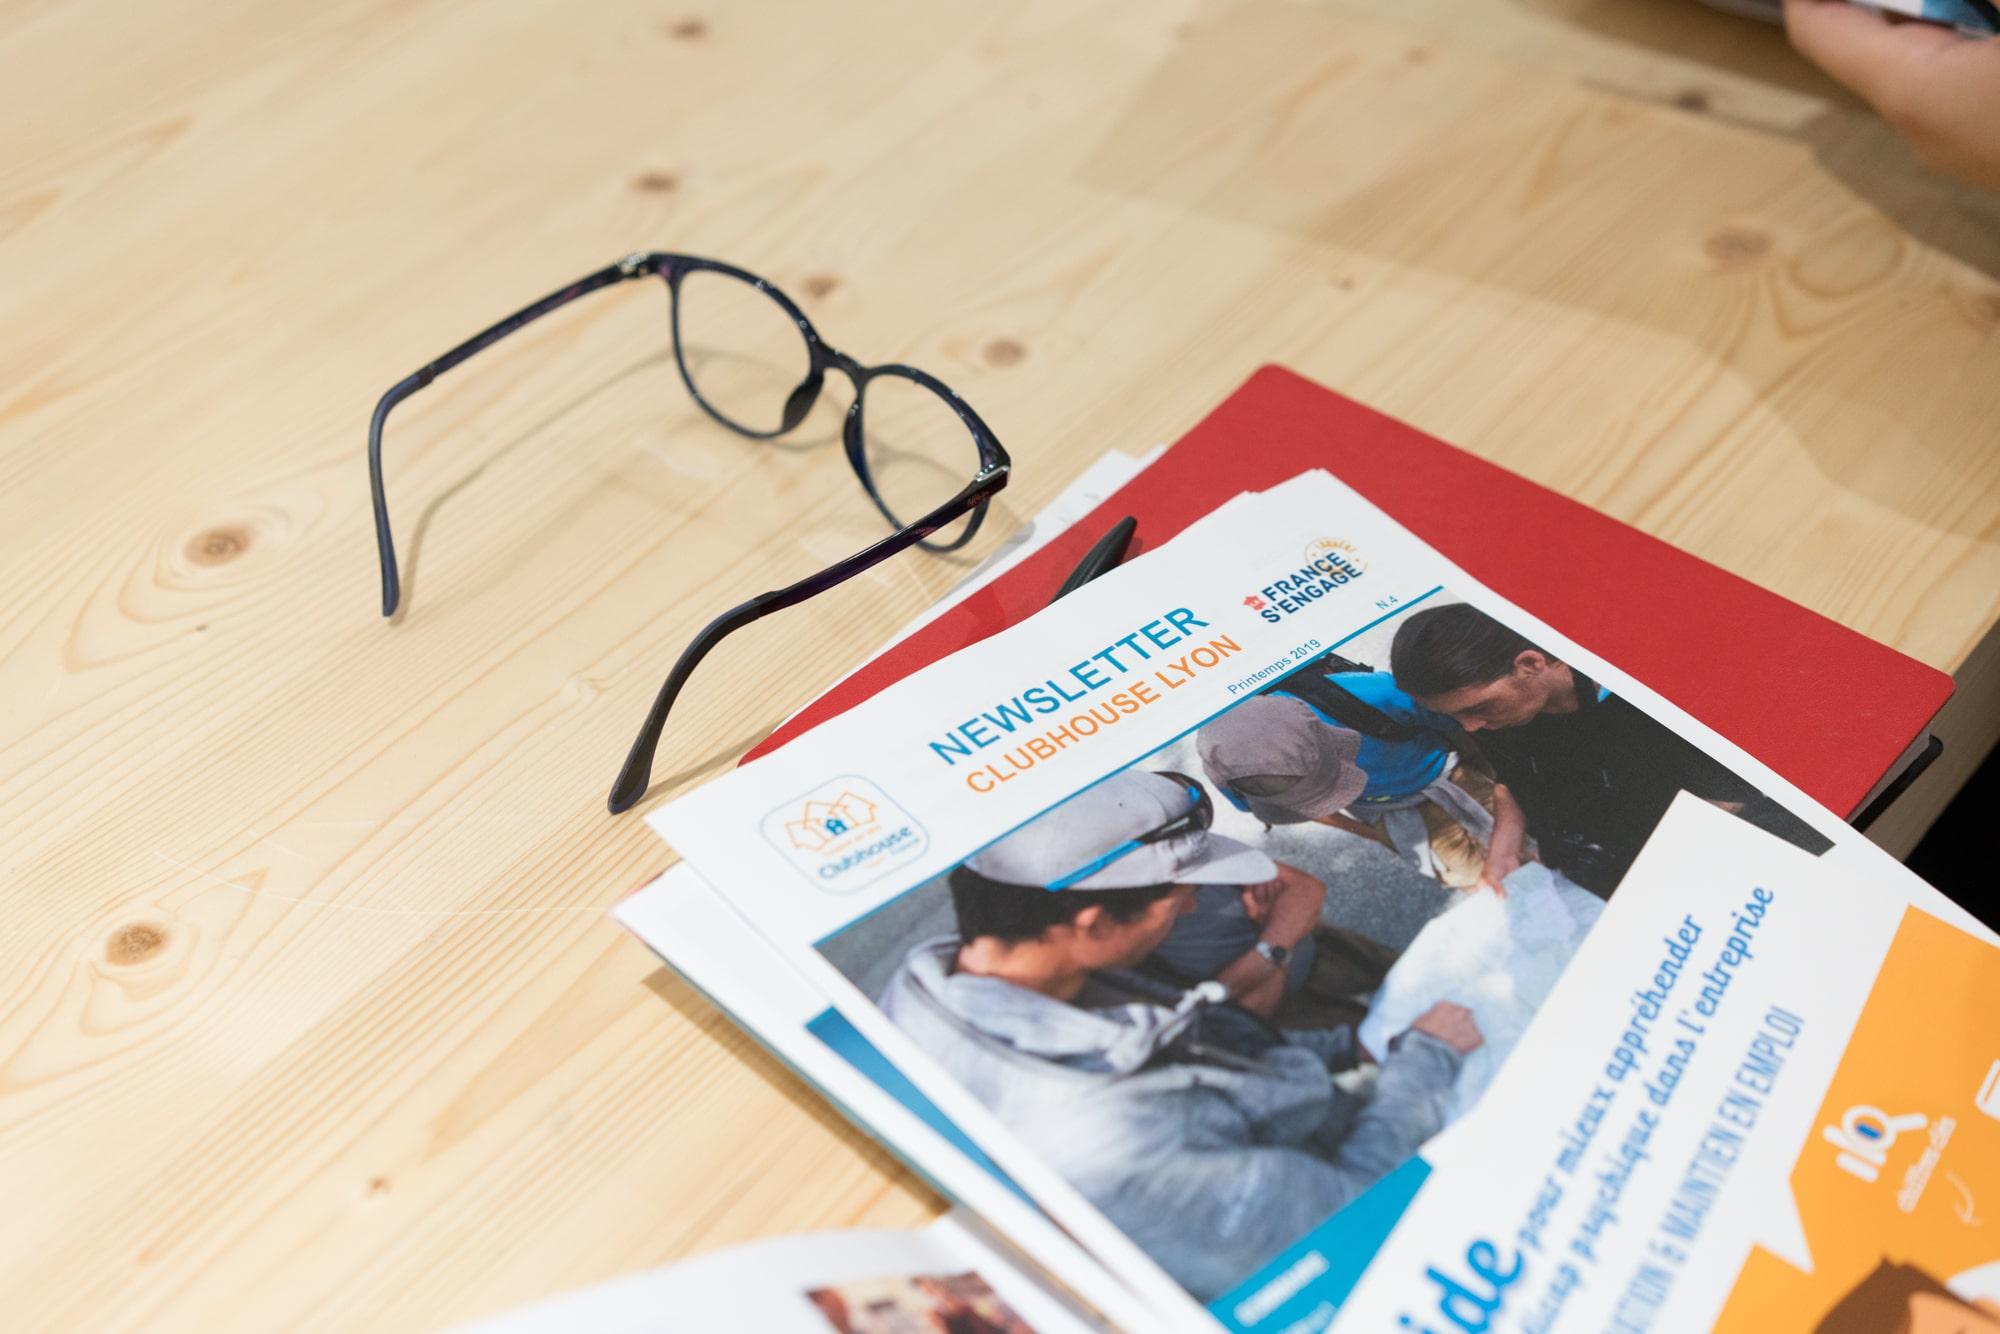 Une paire de lunettes est posée à côté de la newsletter du Clubhouse Lyon, sur une table en bois.